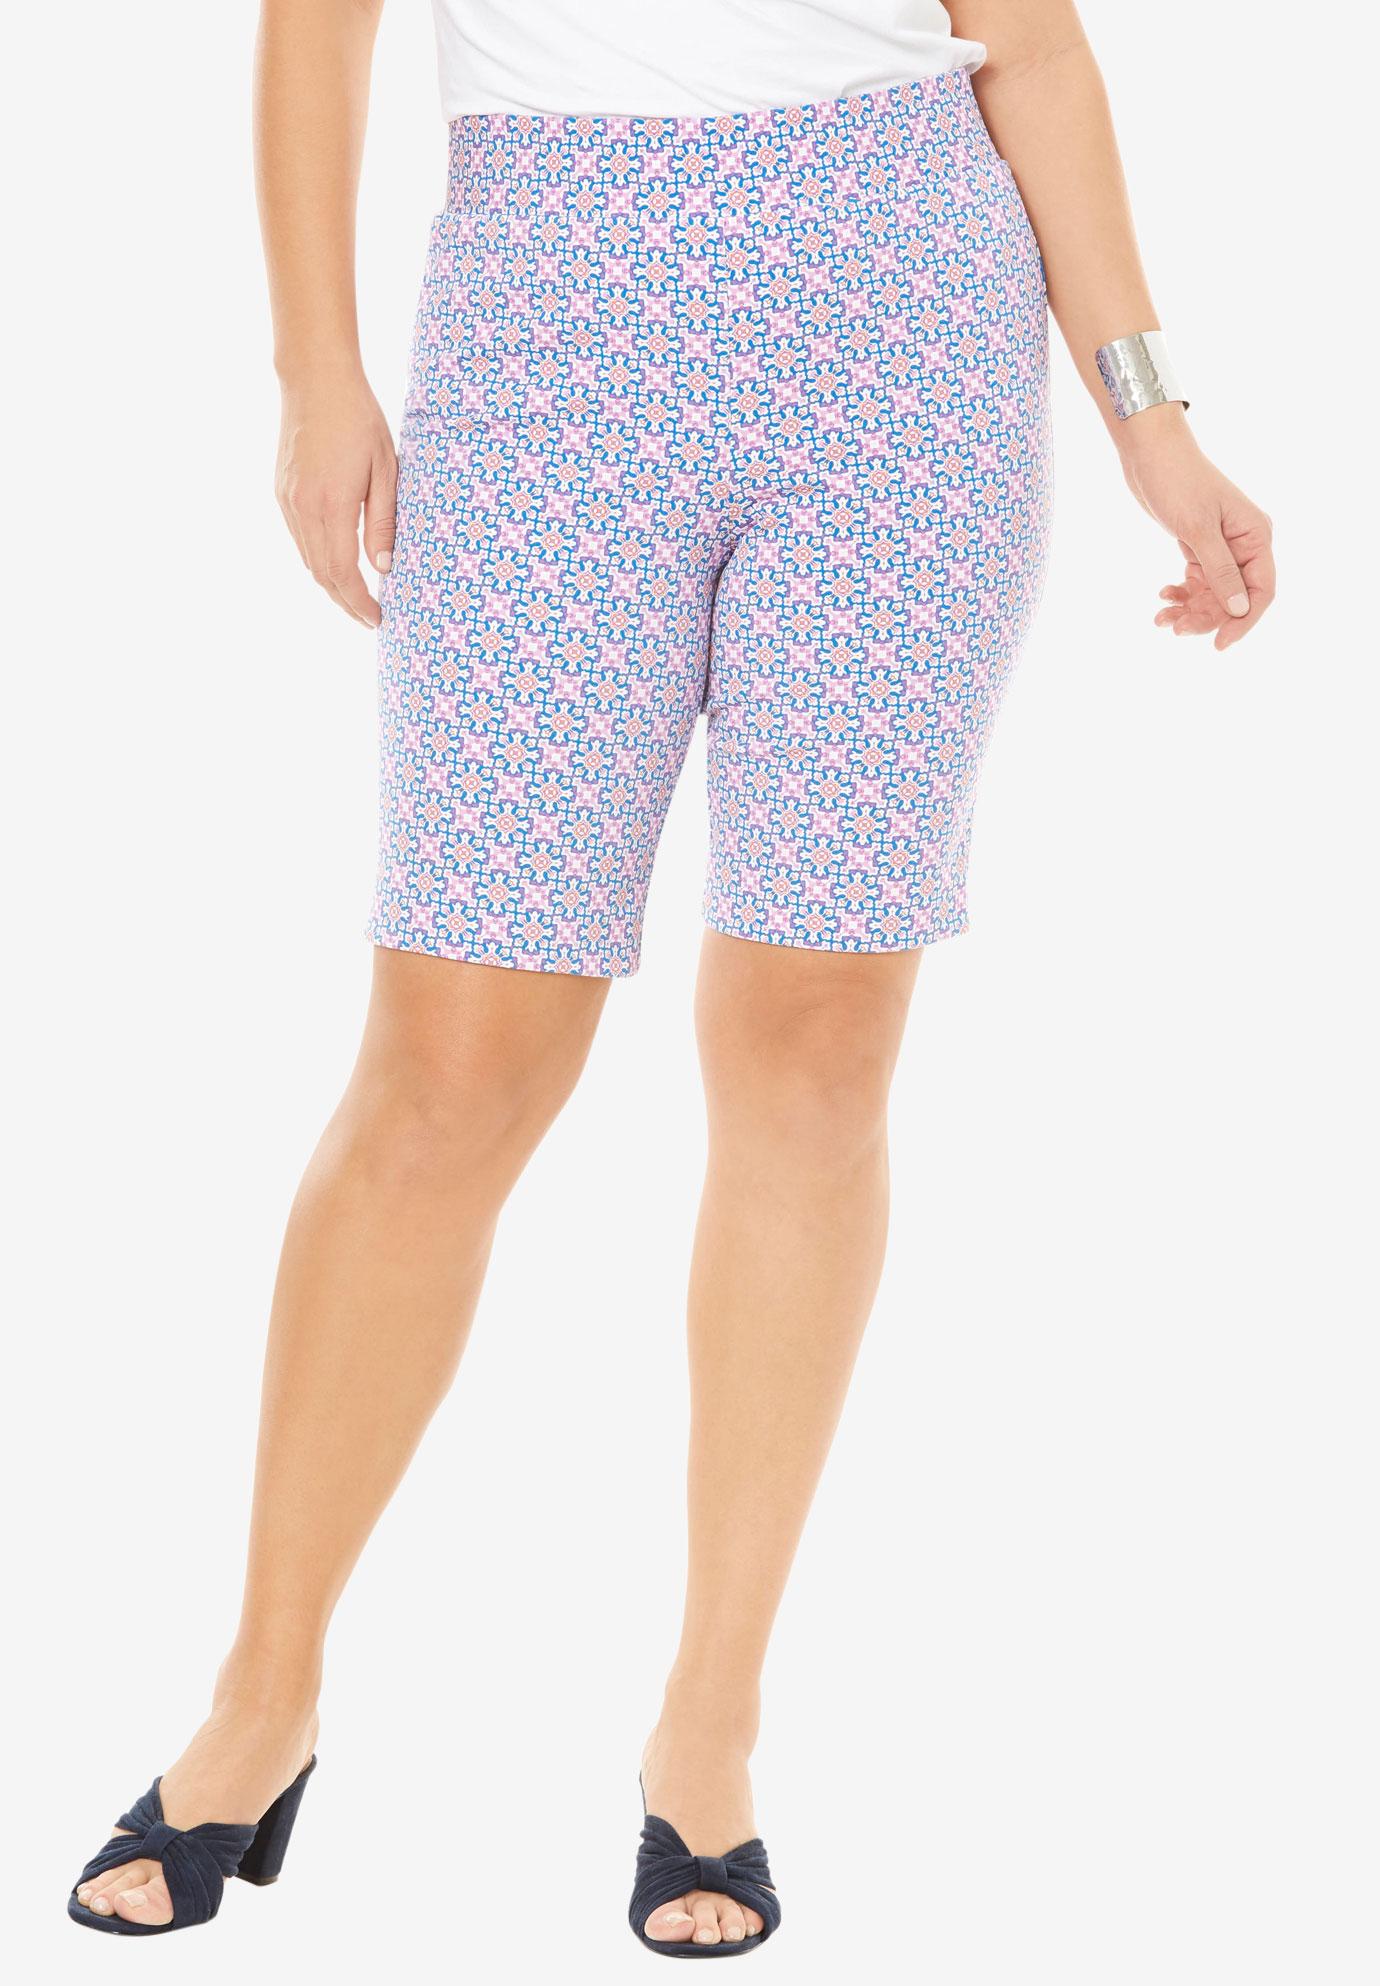 bedd38cf86d Tummy Control Twill Shorts